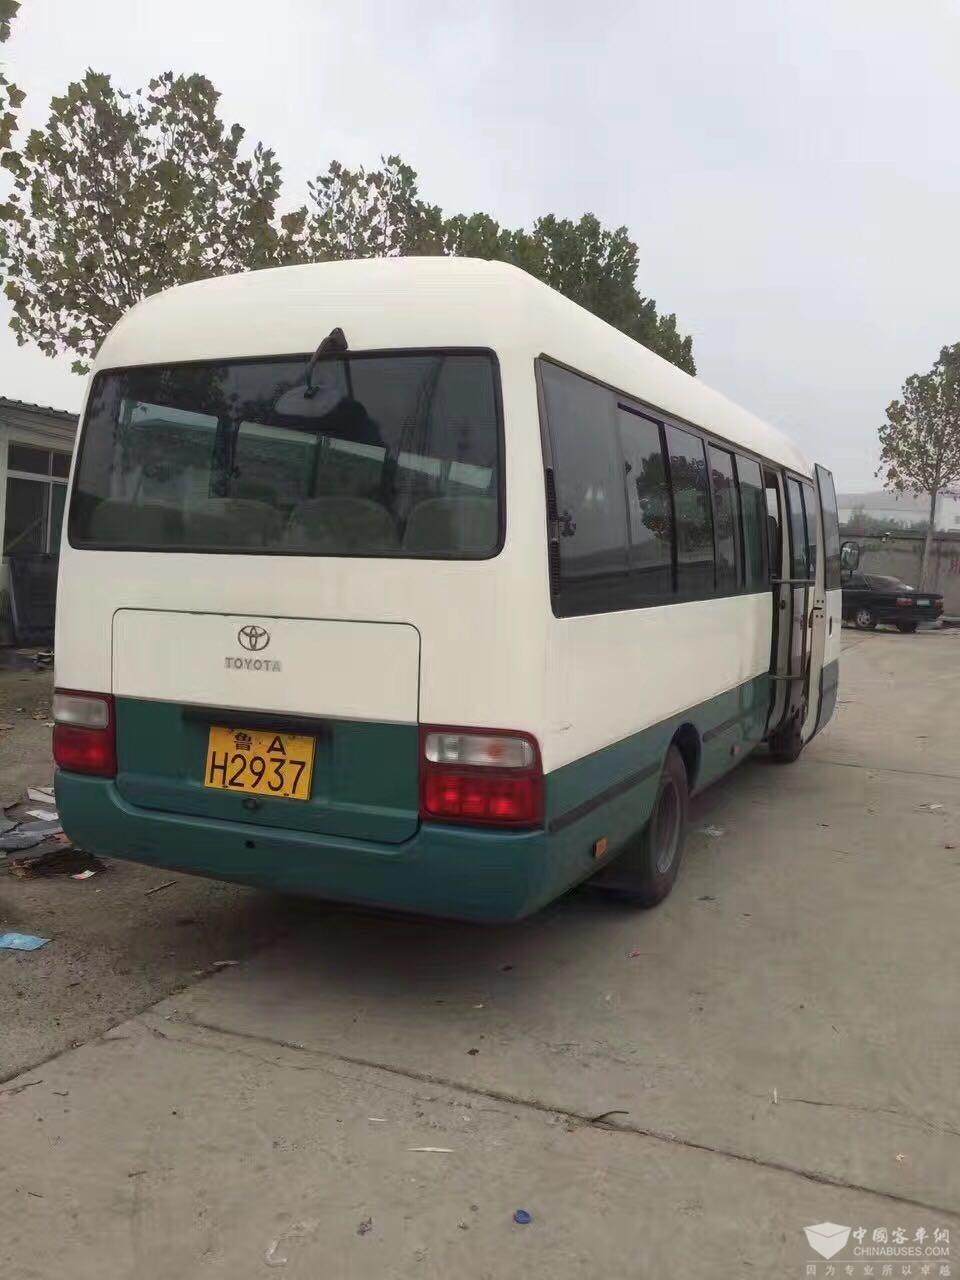 重庆会展网_出售2002年丰田考斯特_卖二手车_中国客车网